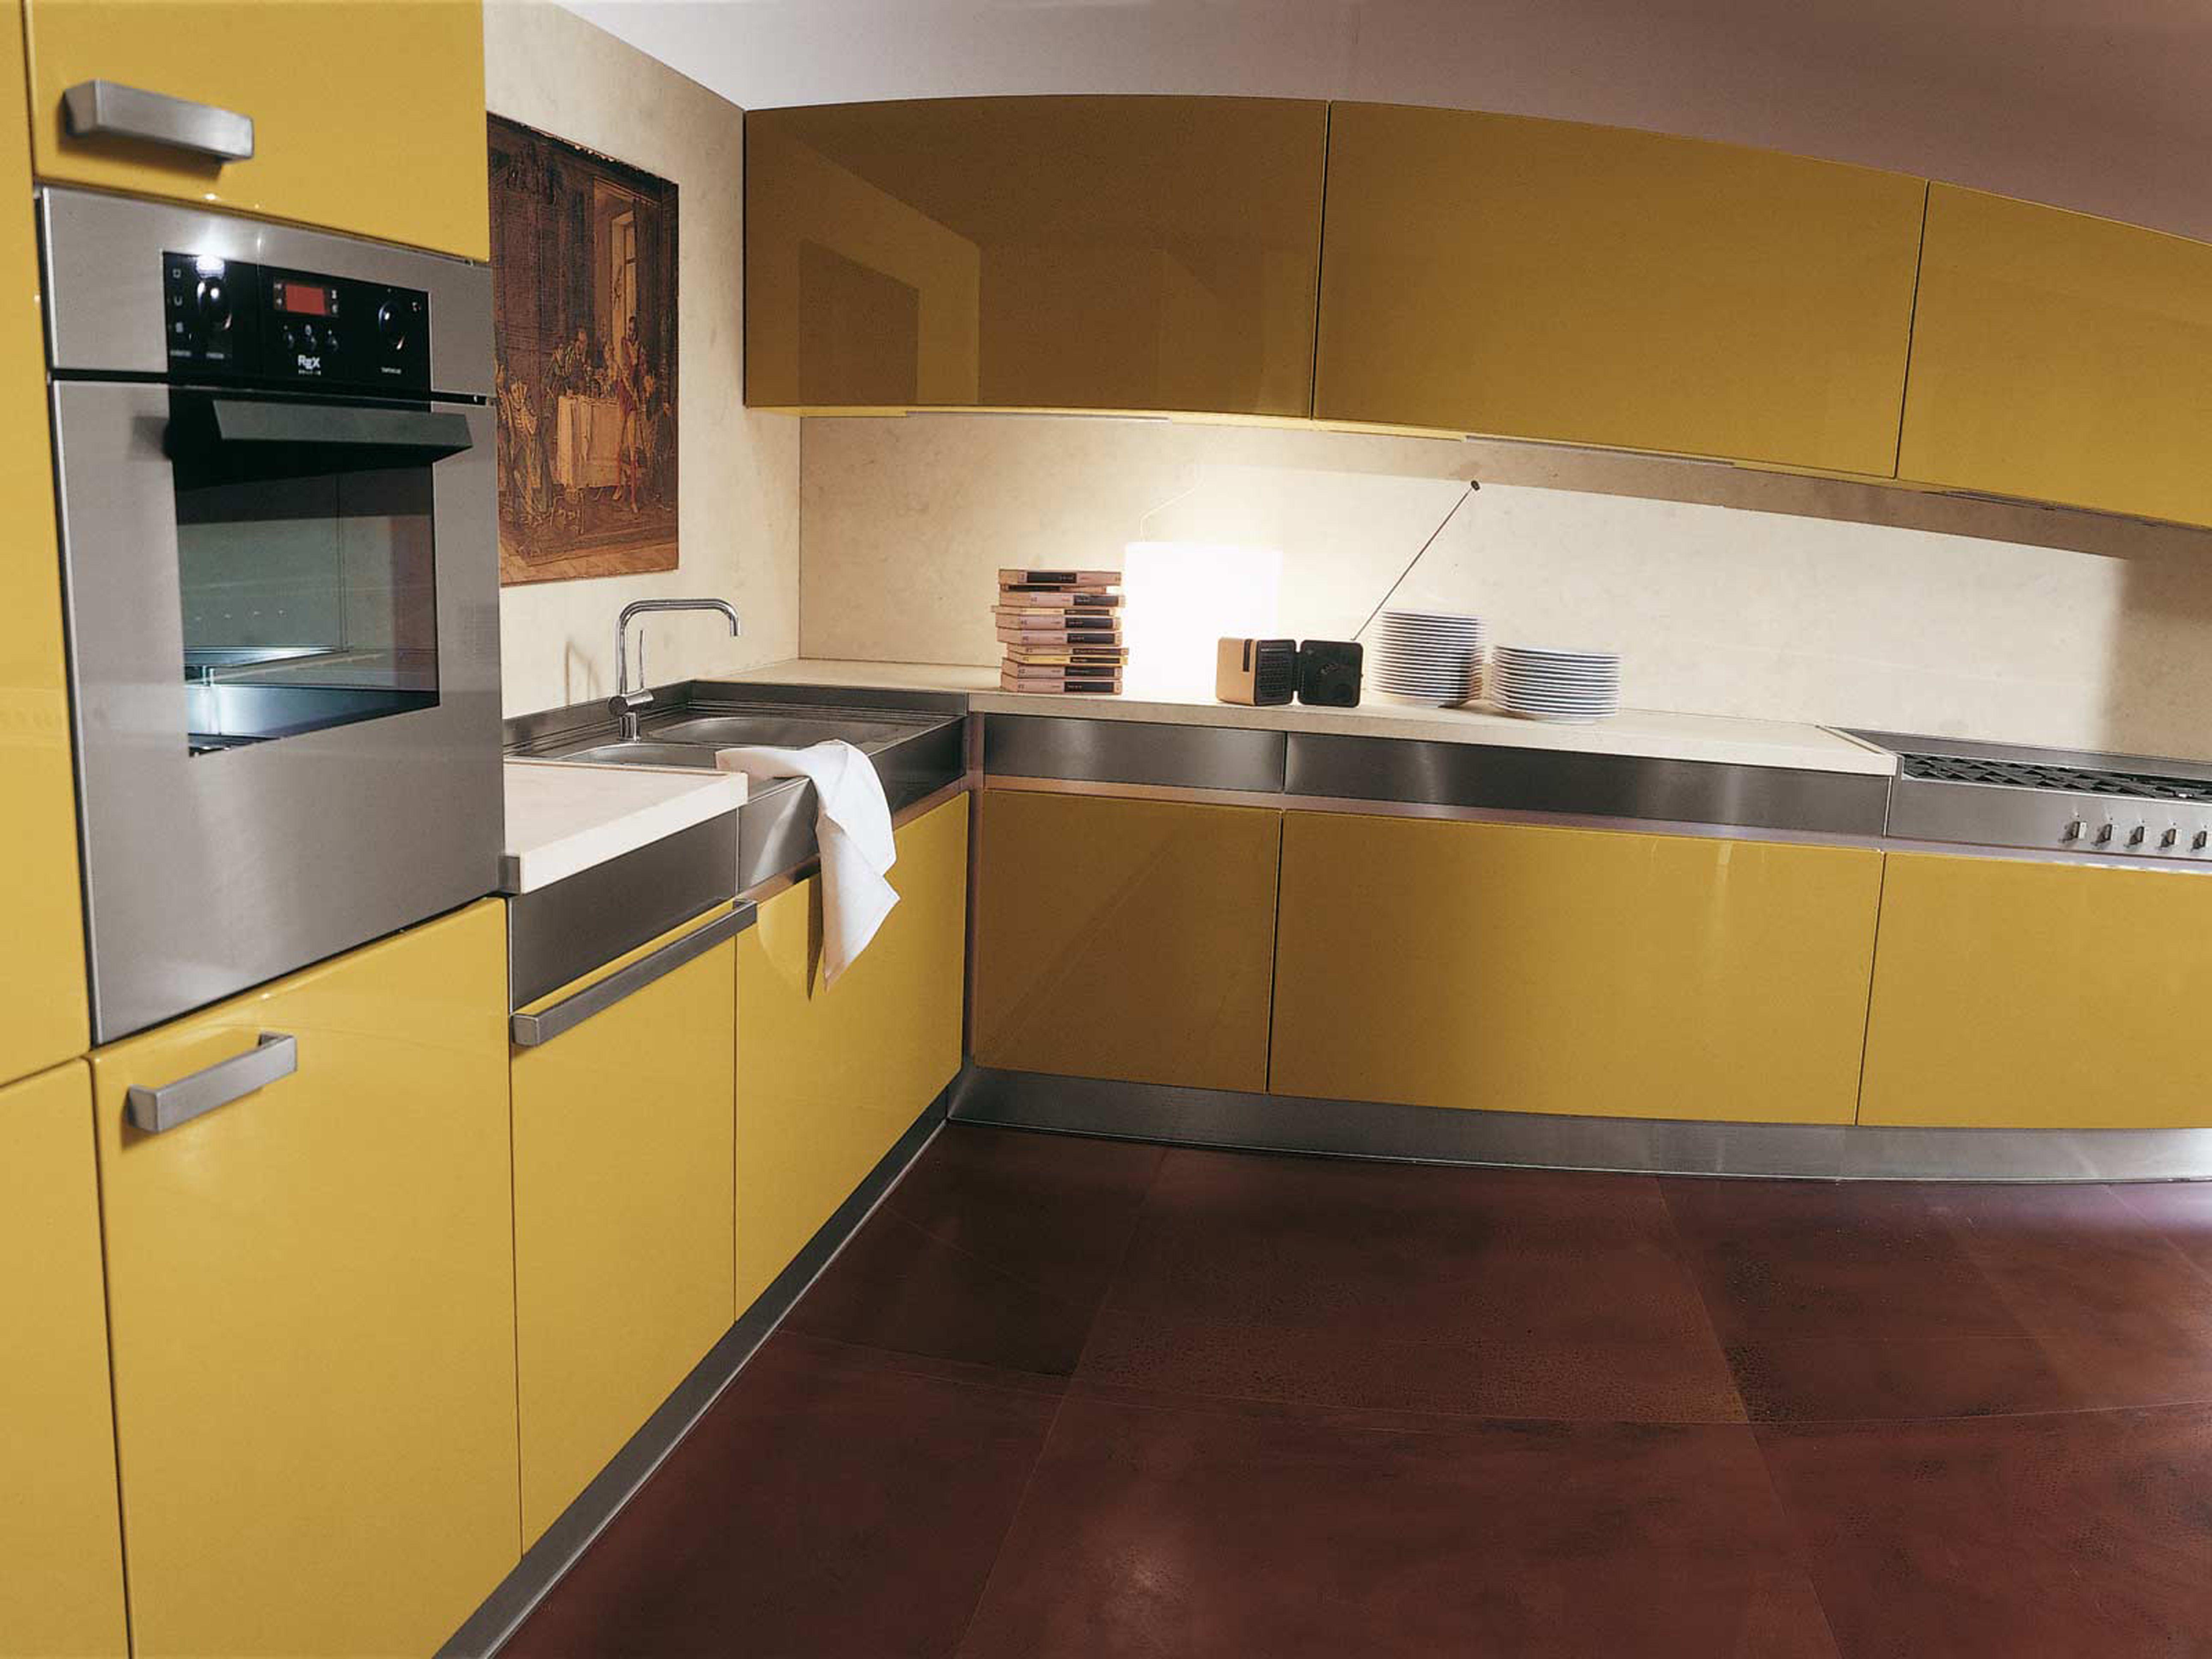 design ideas for galley kitchens italian kitchen design